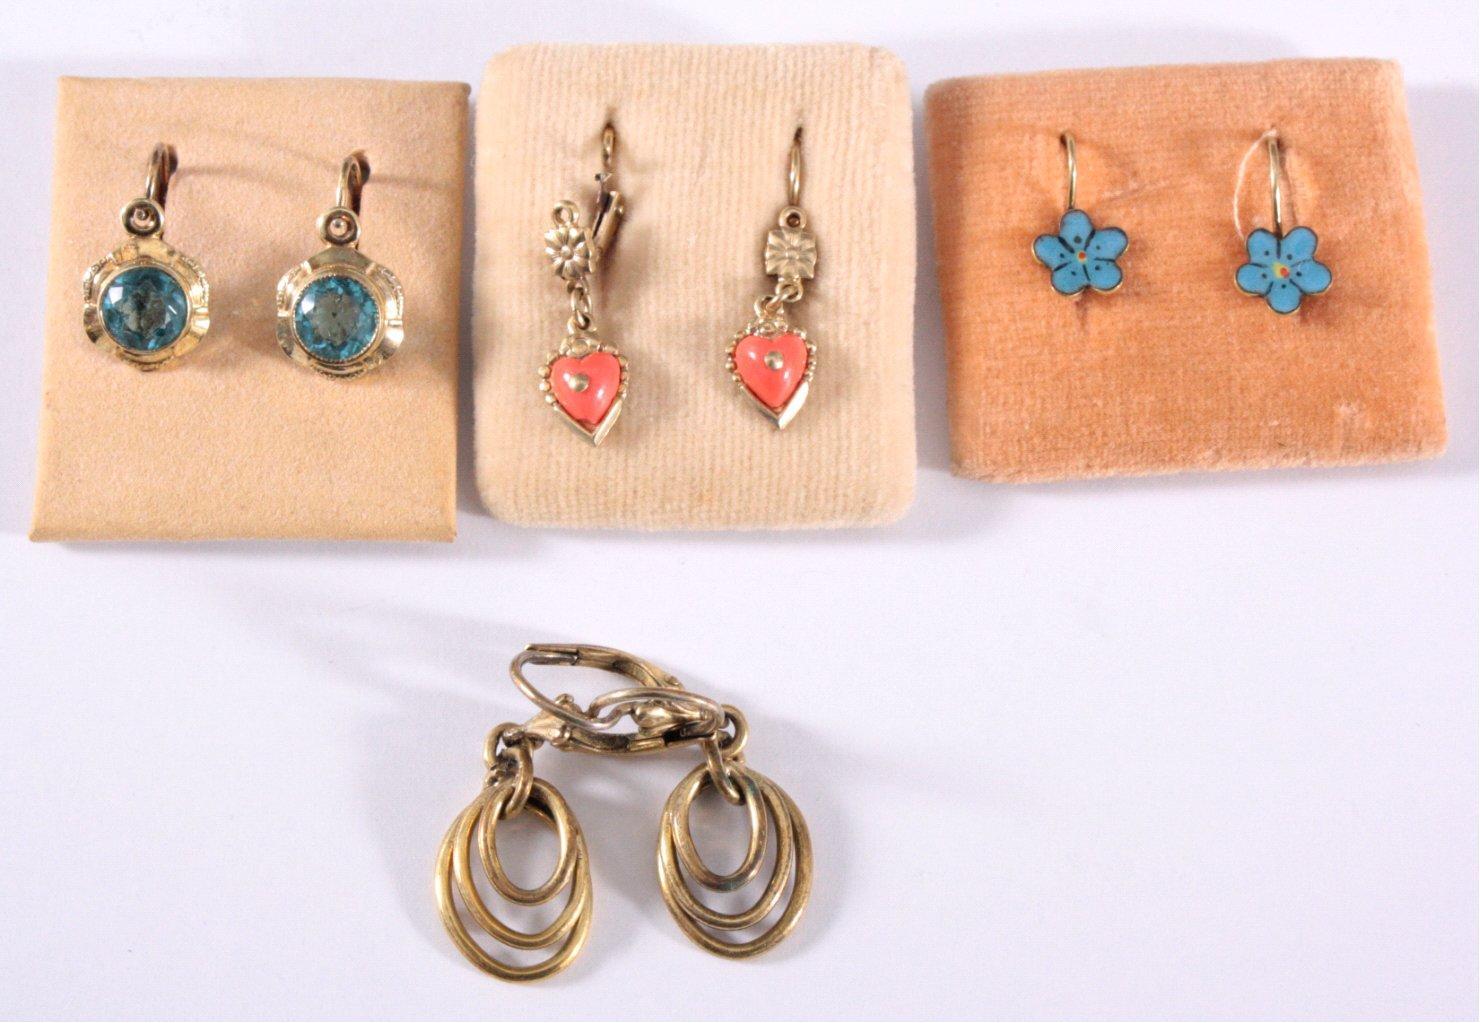 Antike Ohrringe um 1900, Silberbügel, vergoldet